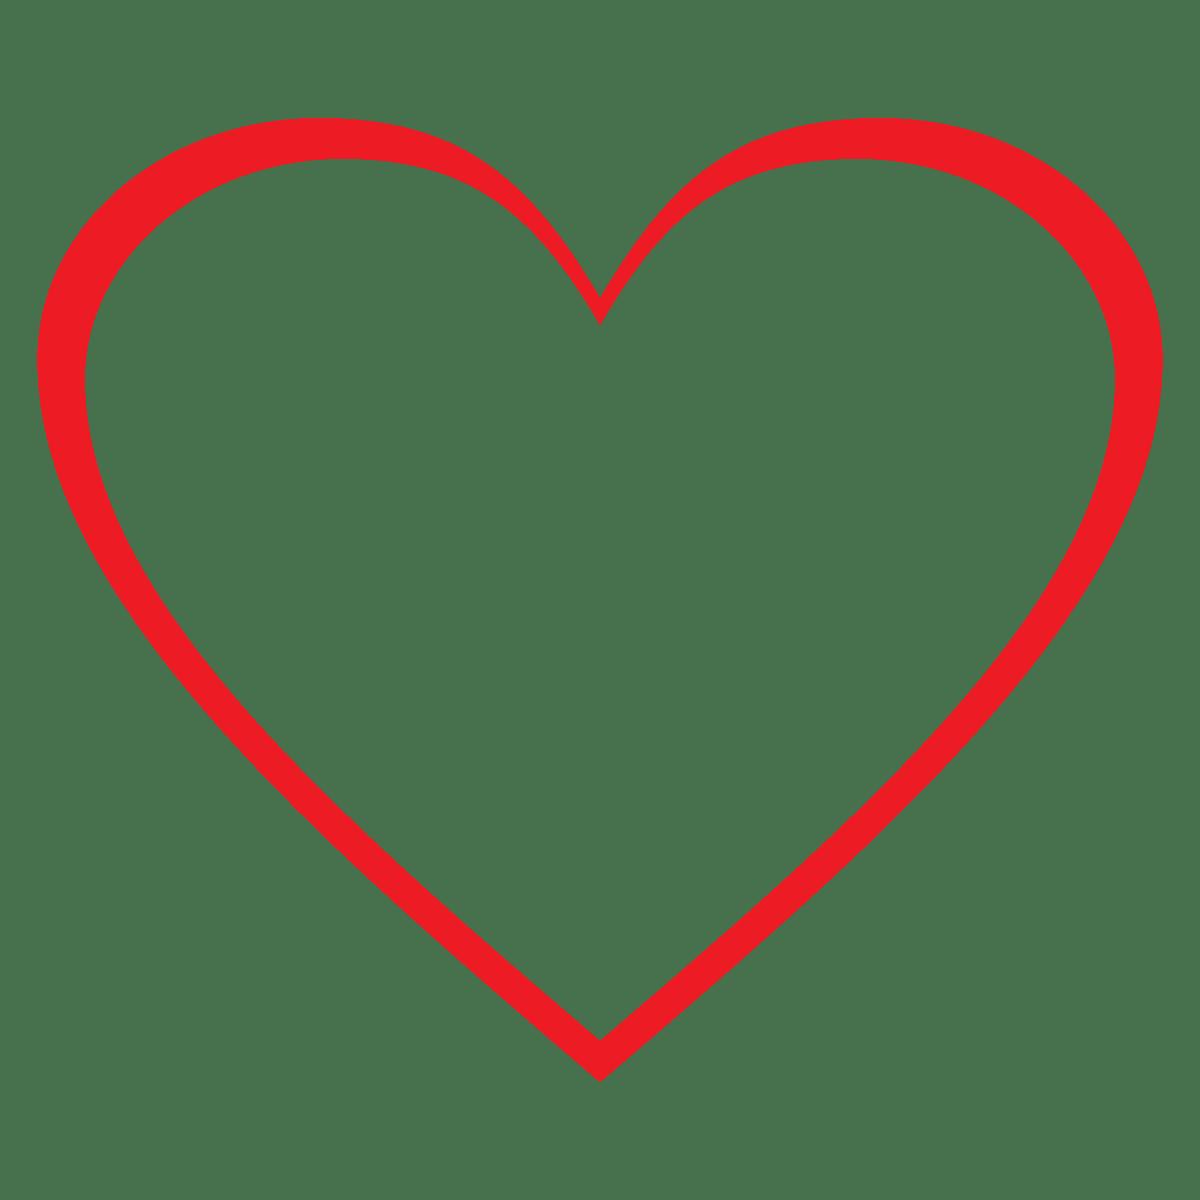 hearts free heart clip